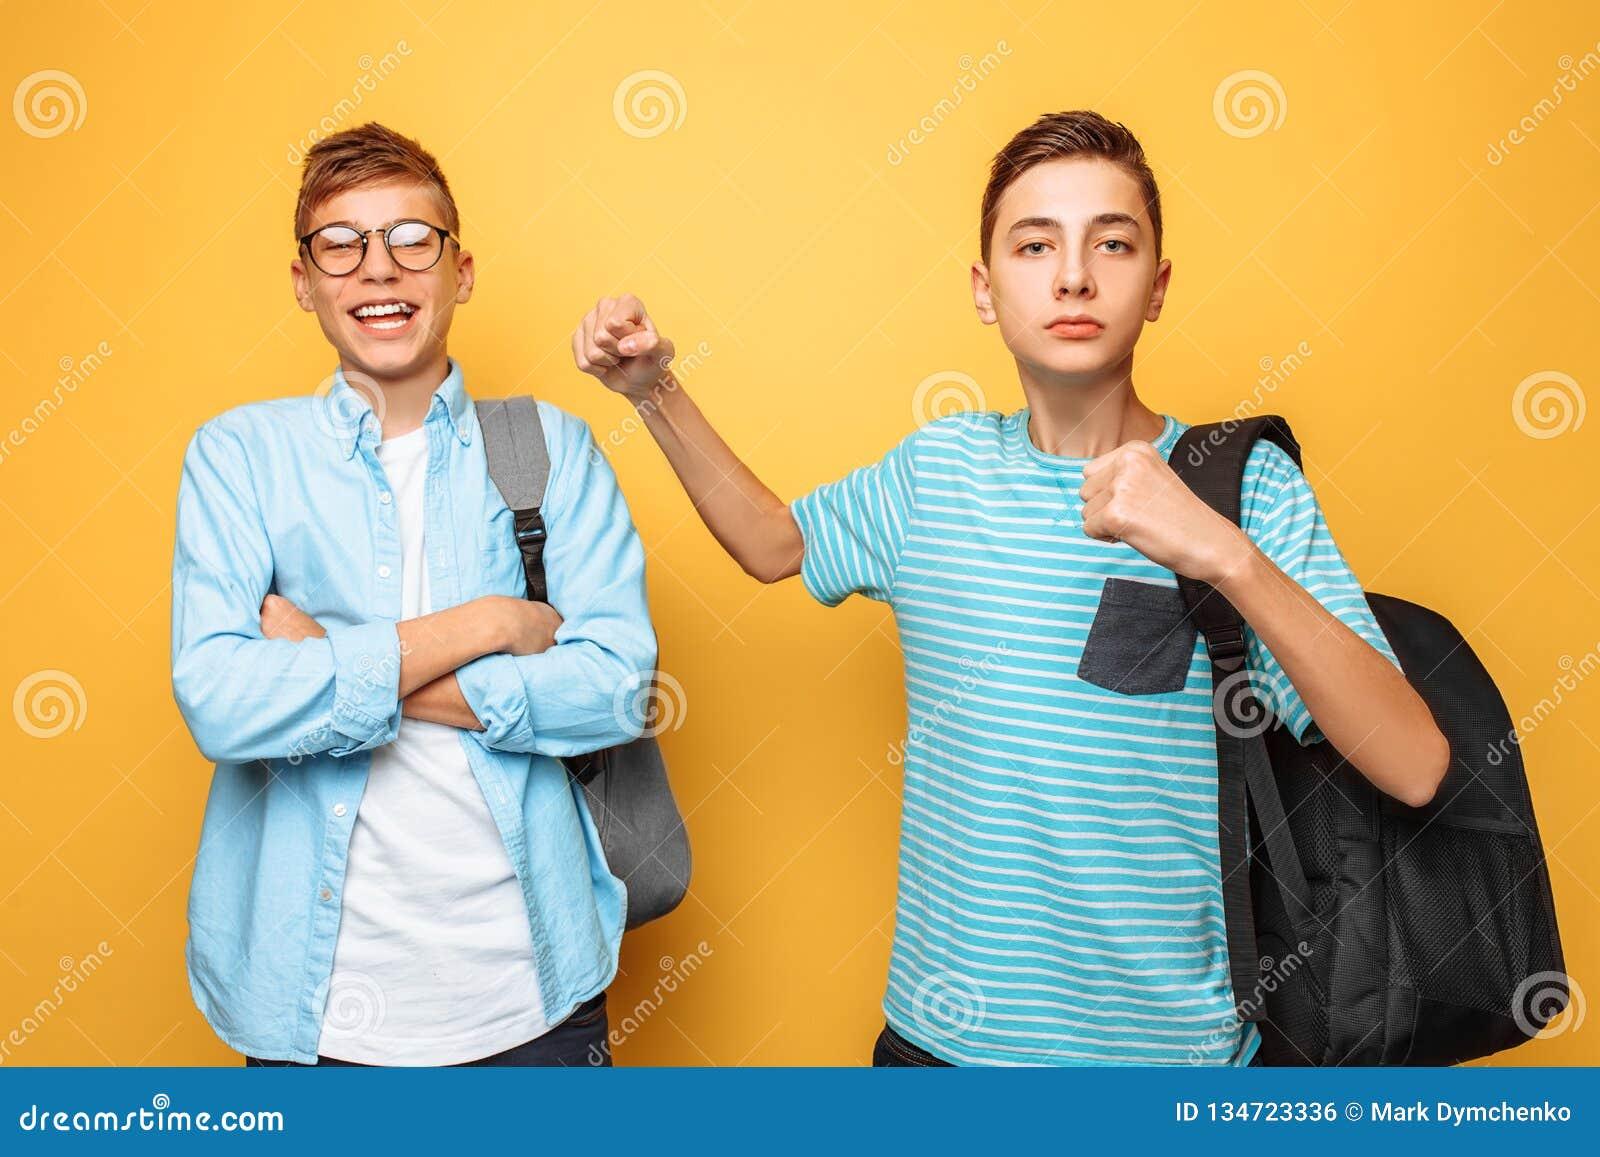 O adolescente ameaça, o irmão impertinente, punho, em um fundo amarelo